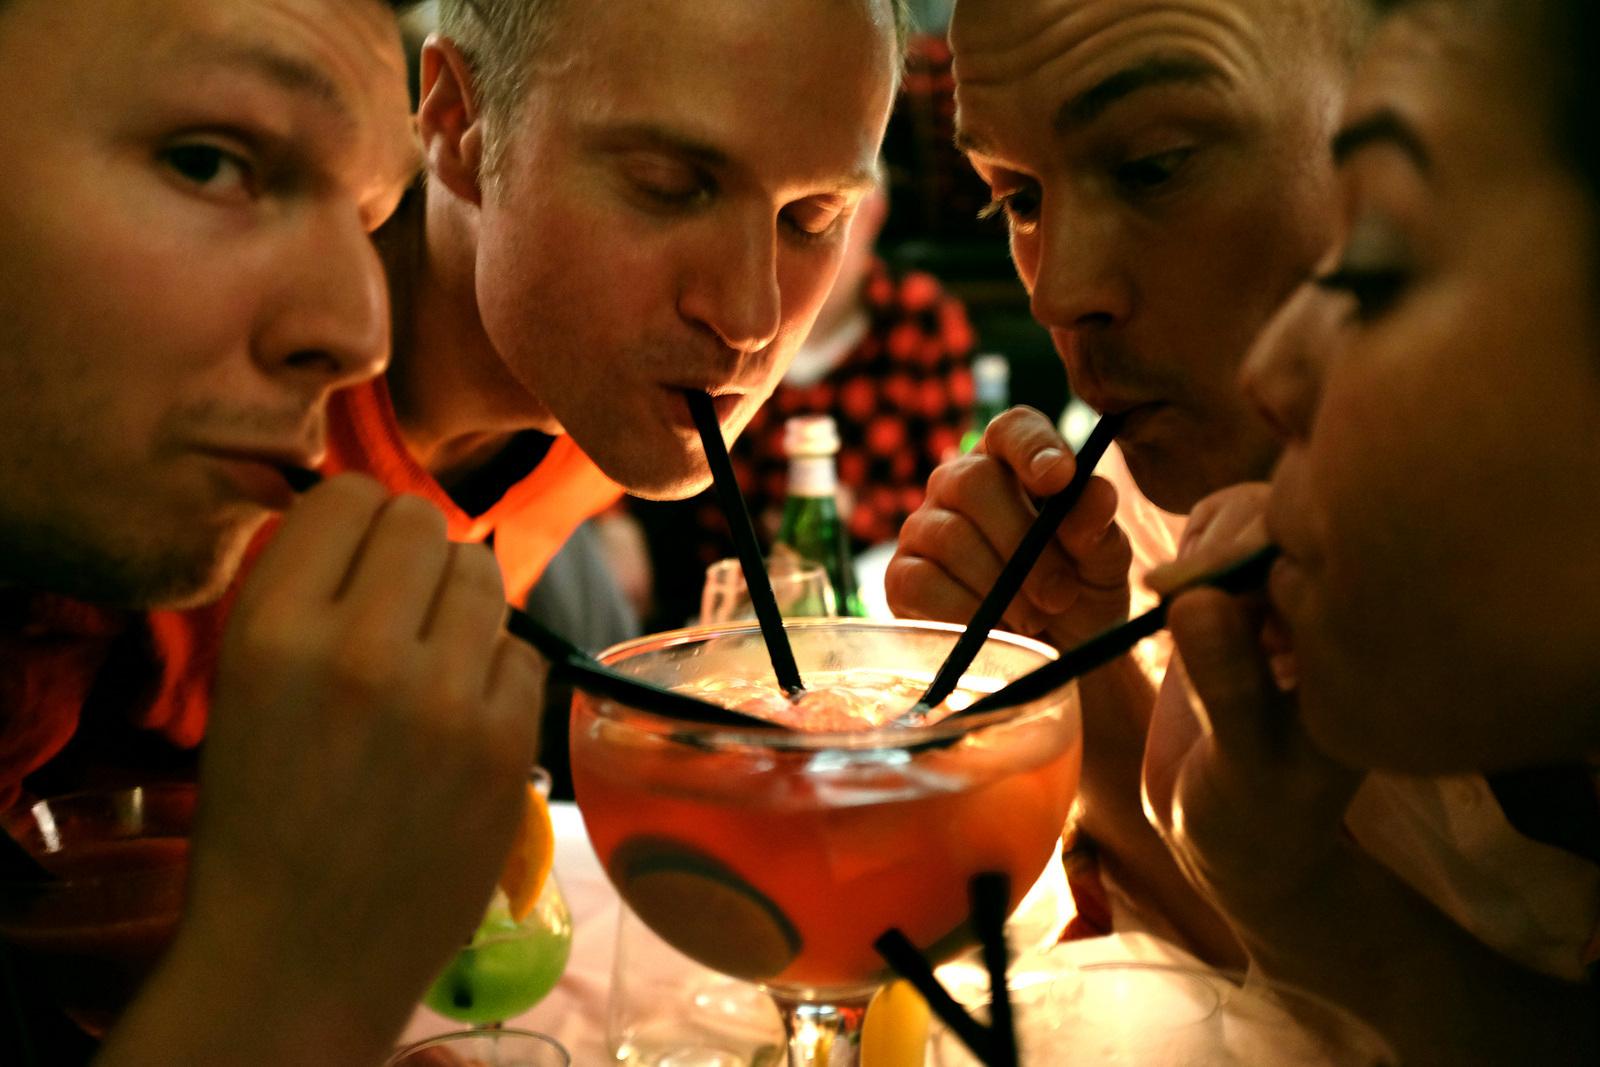 Boire-un-verre-suffirait-à-nous-rendre-plus-beau-414175